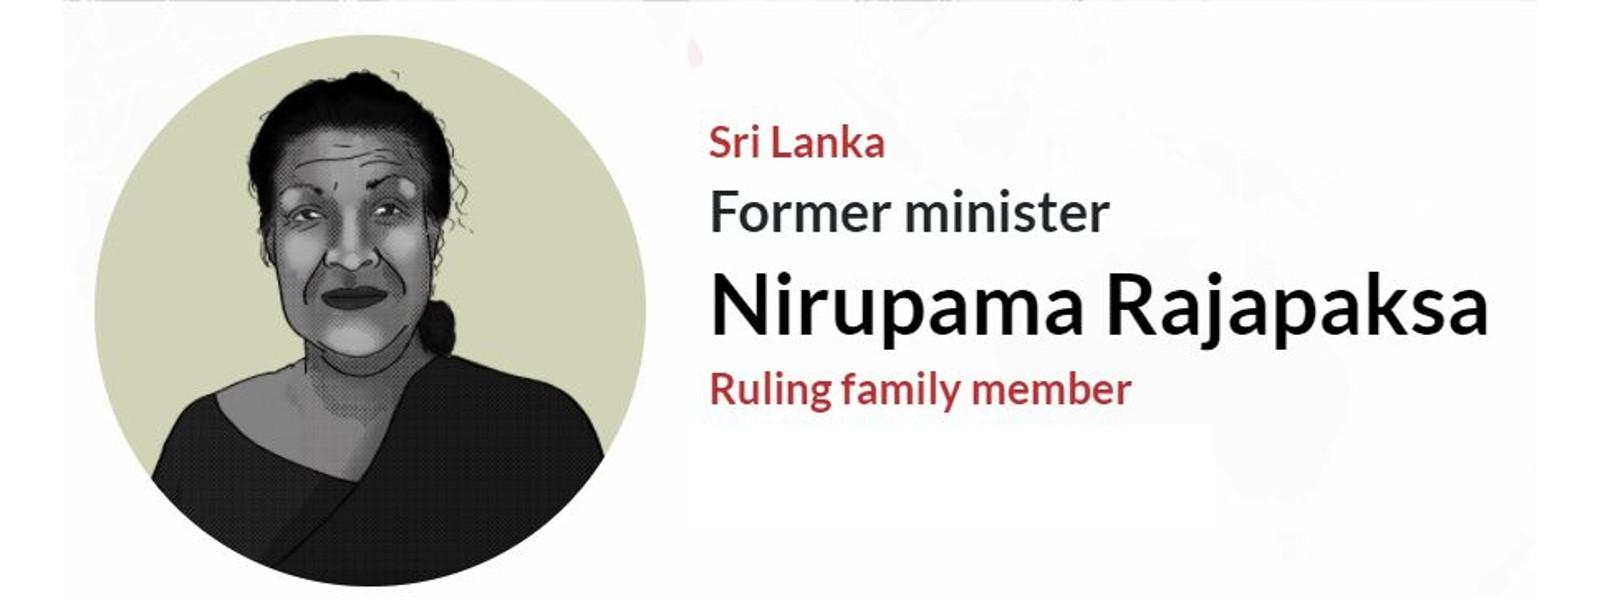 BREAKING : Former Sri Lankan Minister Nirupama Rajapaksa exposed in PANDORA PAPERS Leak